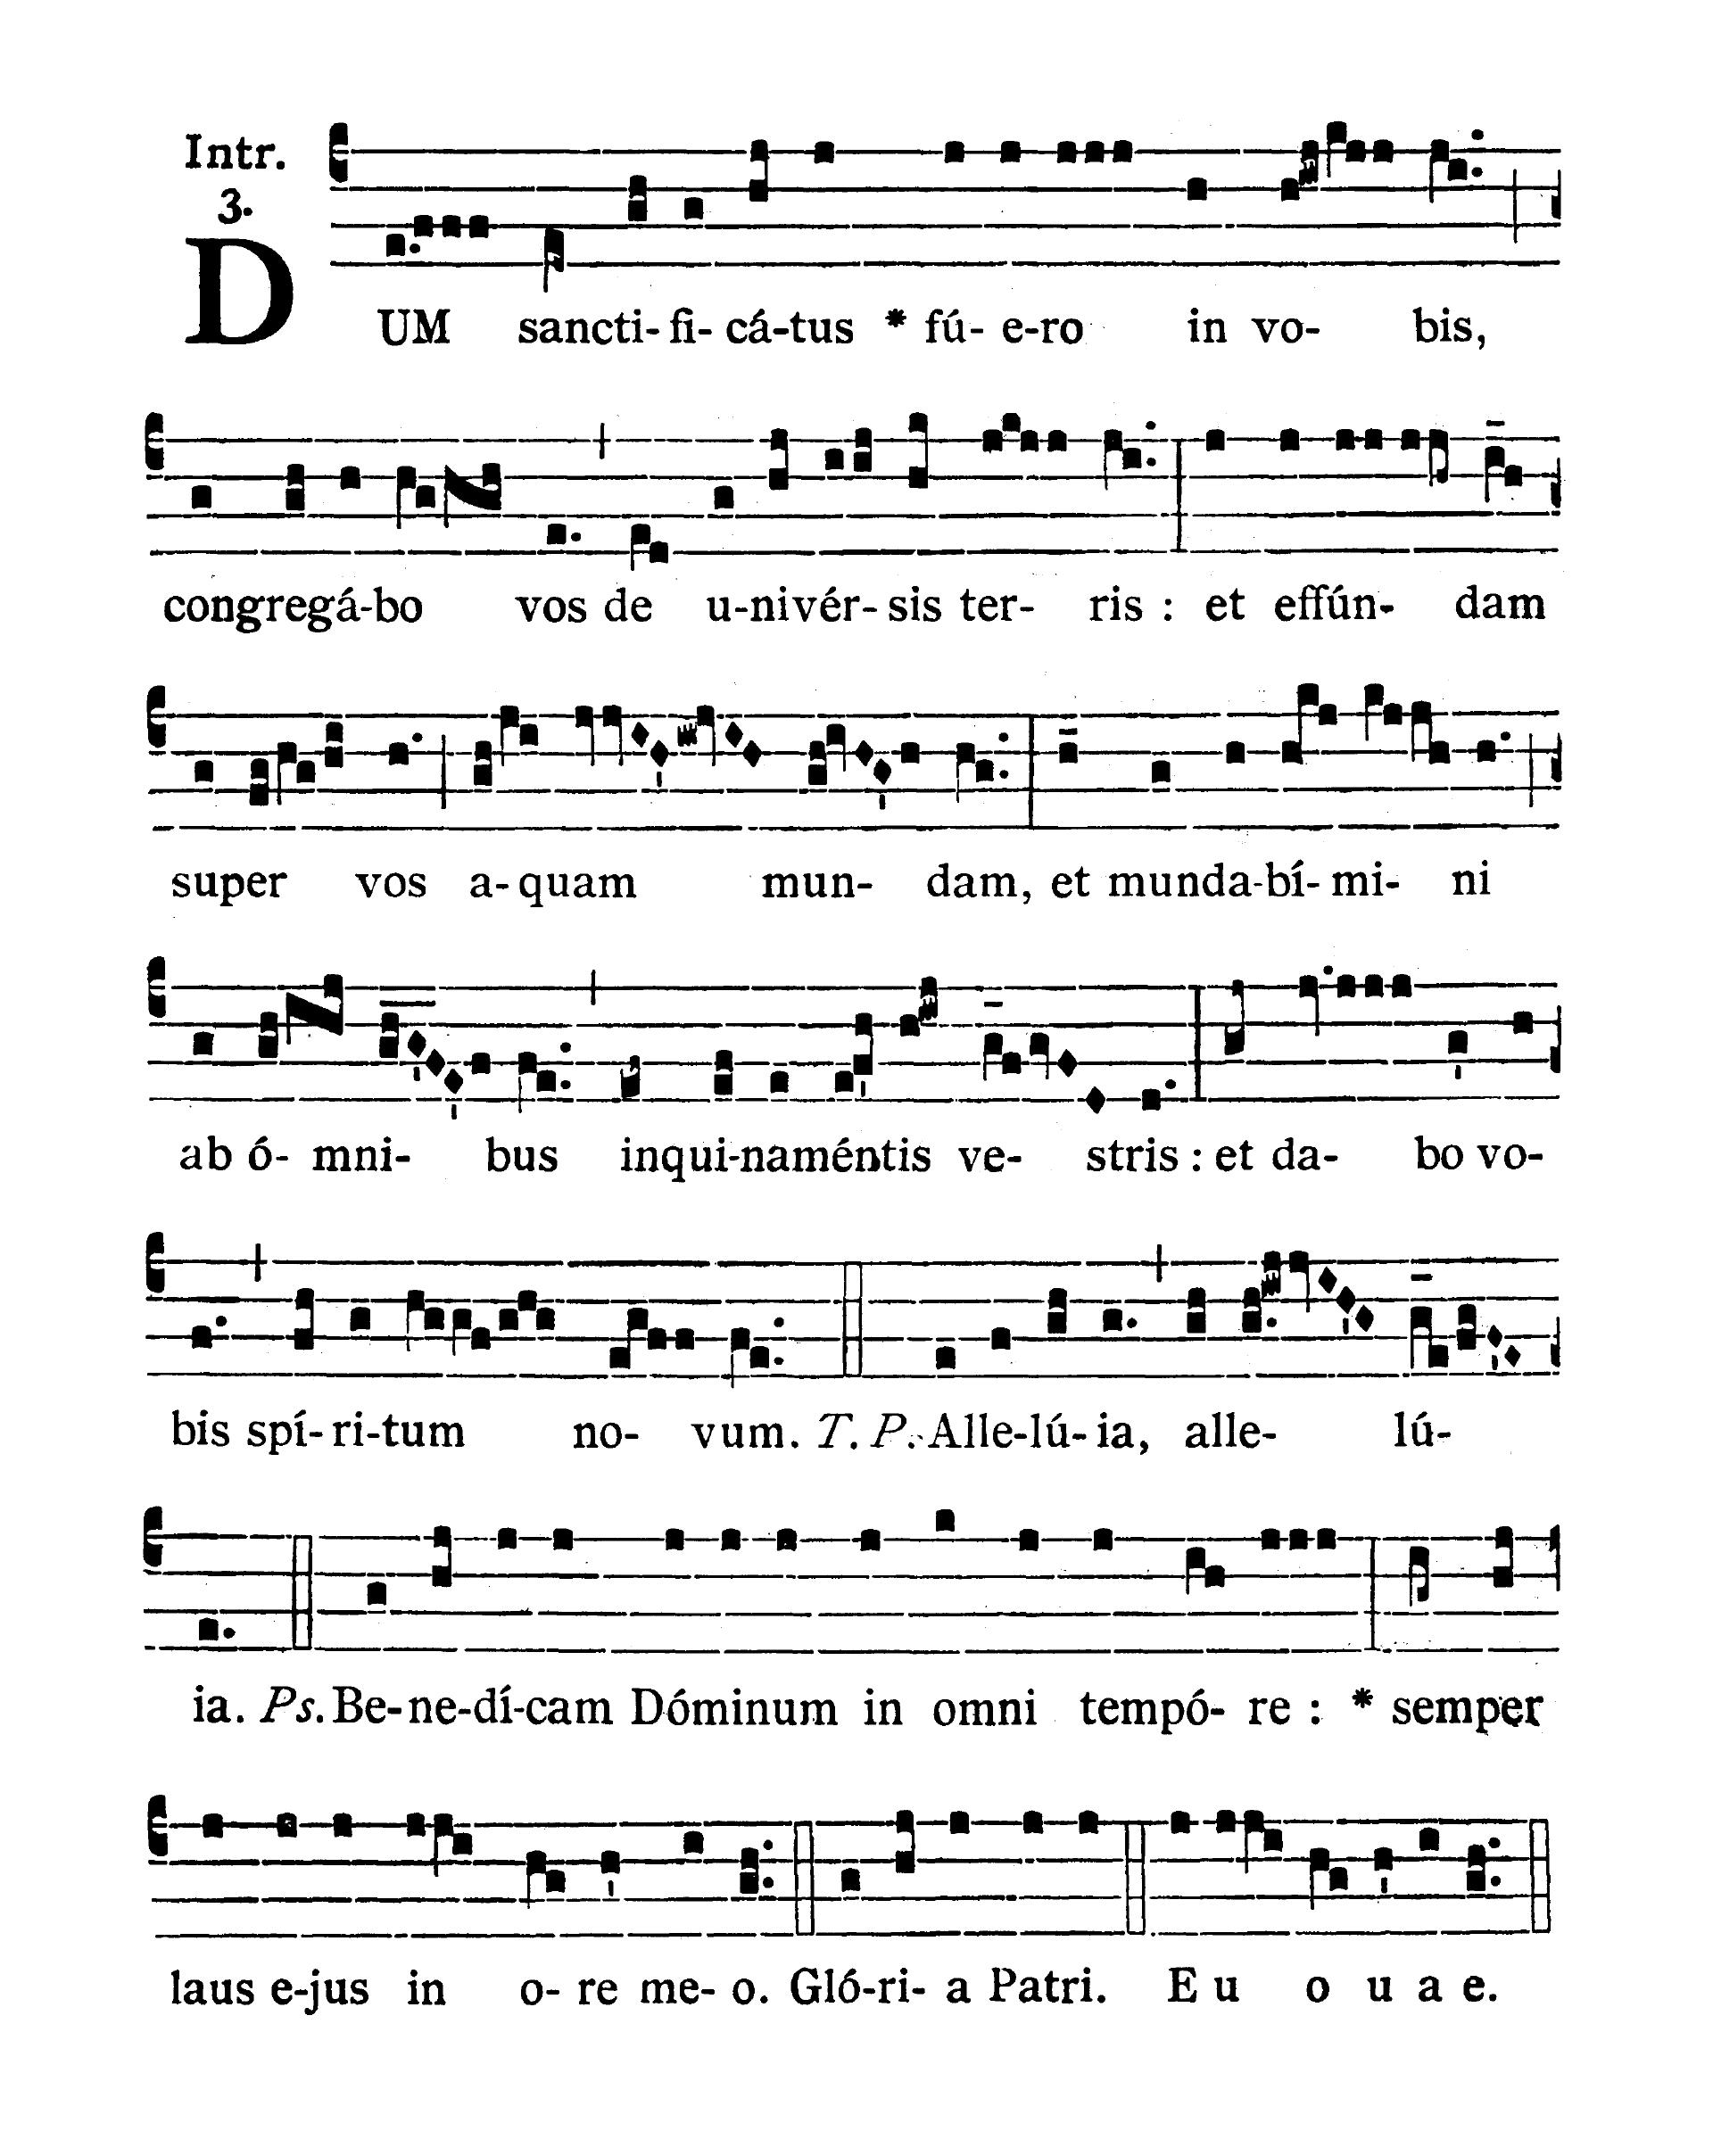 Feria IV post Dominicam IV Quadragesimae (Wednesday after Fourth Sunday of Lent) - Introitus (Dum sanctificatus)